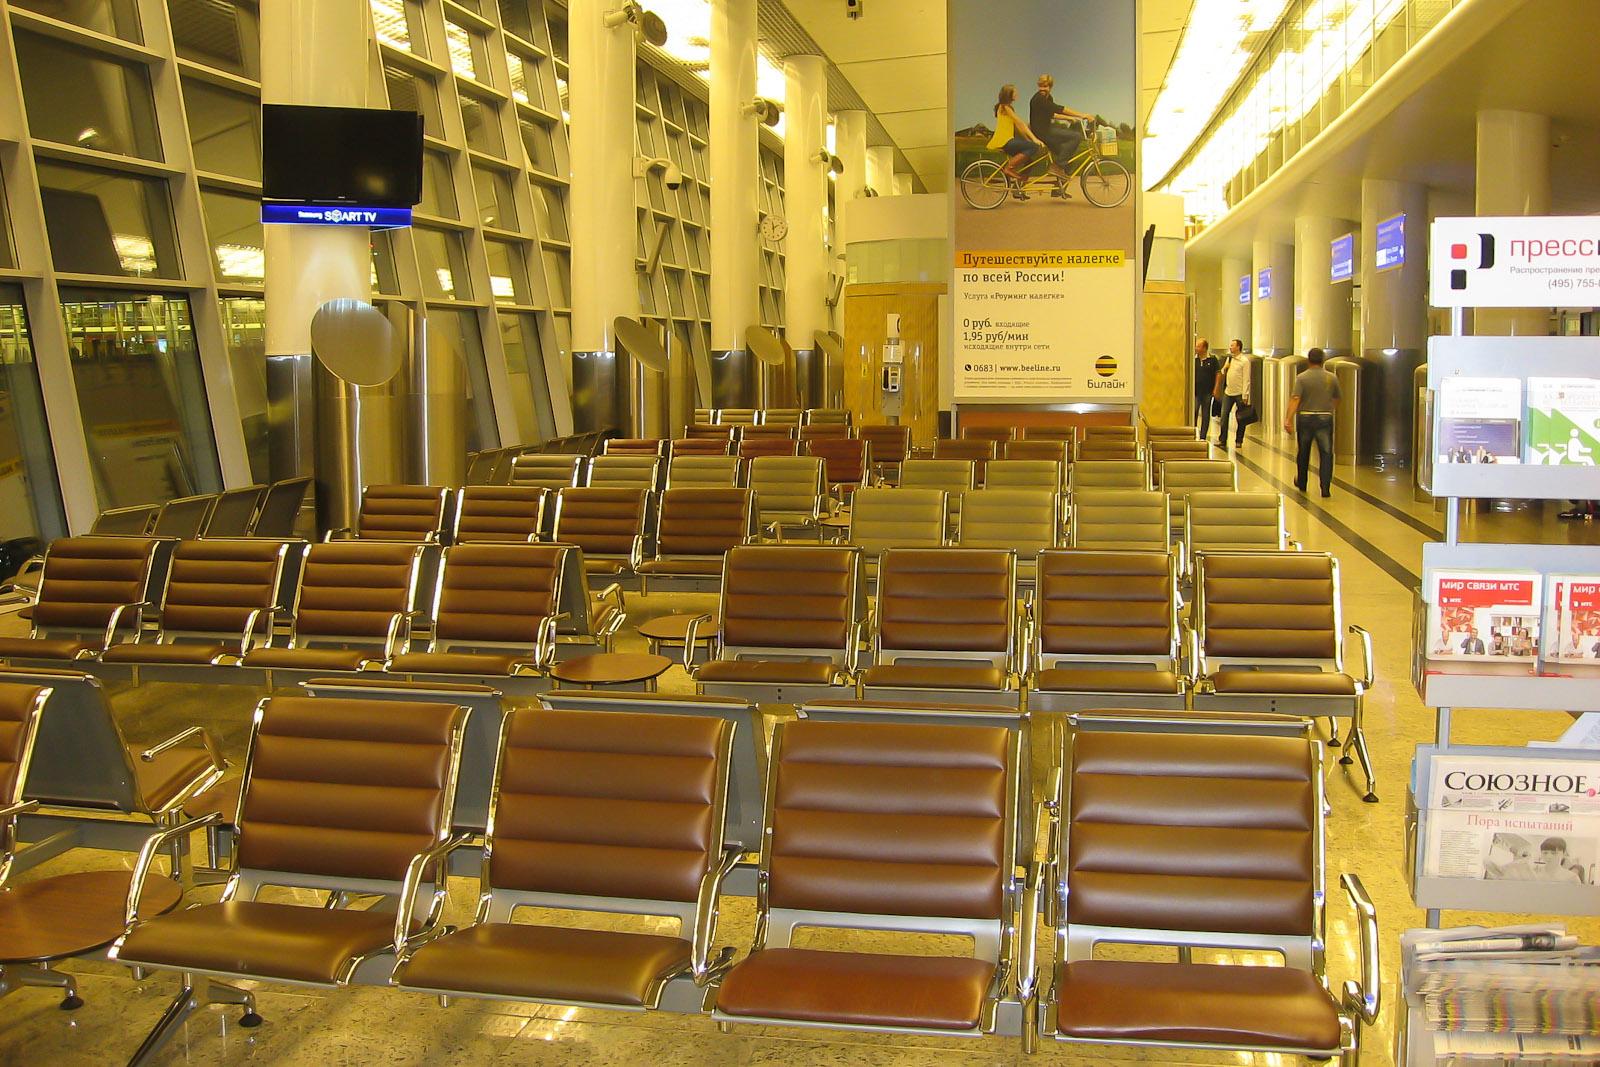 Зал ожидания перед вылетом в терминале Д аэропорта Шереметьево